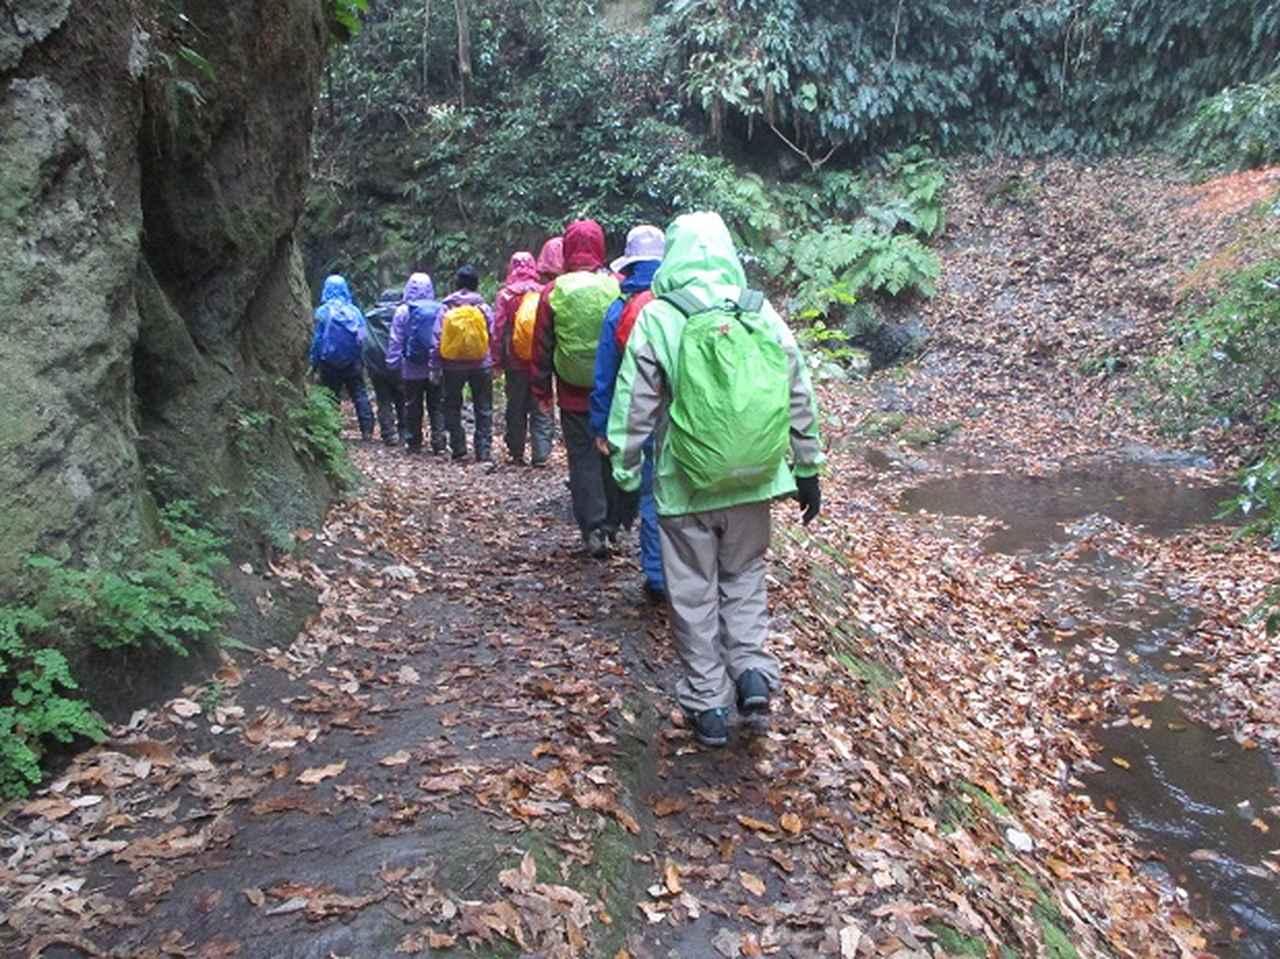 画像11: 先日12月22日に山旅会現地集合 「能見堂緑地から天園」 ツアーにいってまいりました!